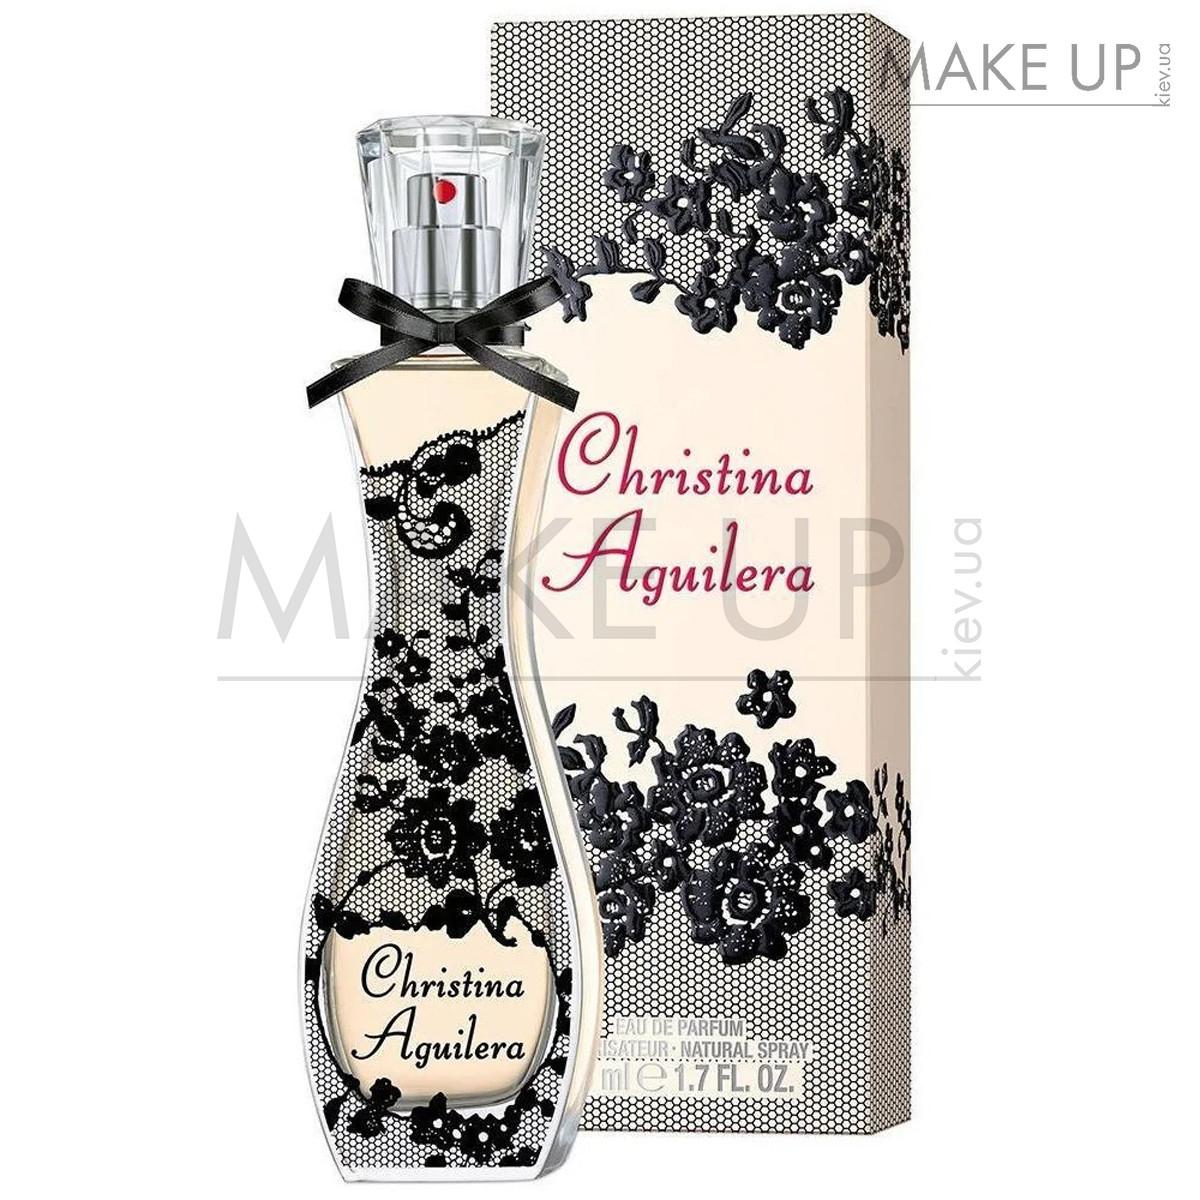 Женская парфюмированная вода Christina Aguilera EDP 75 мл.   Лицензия Объединённые  Арабские Эмираты